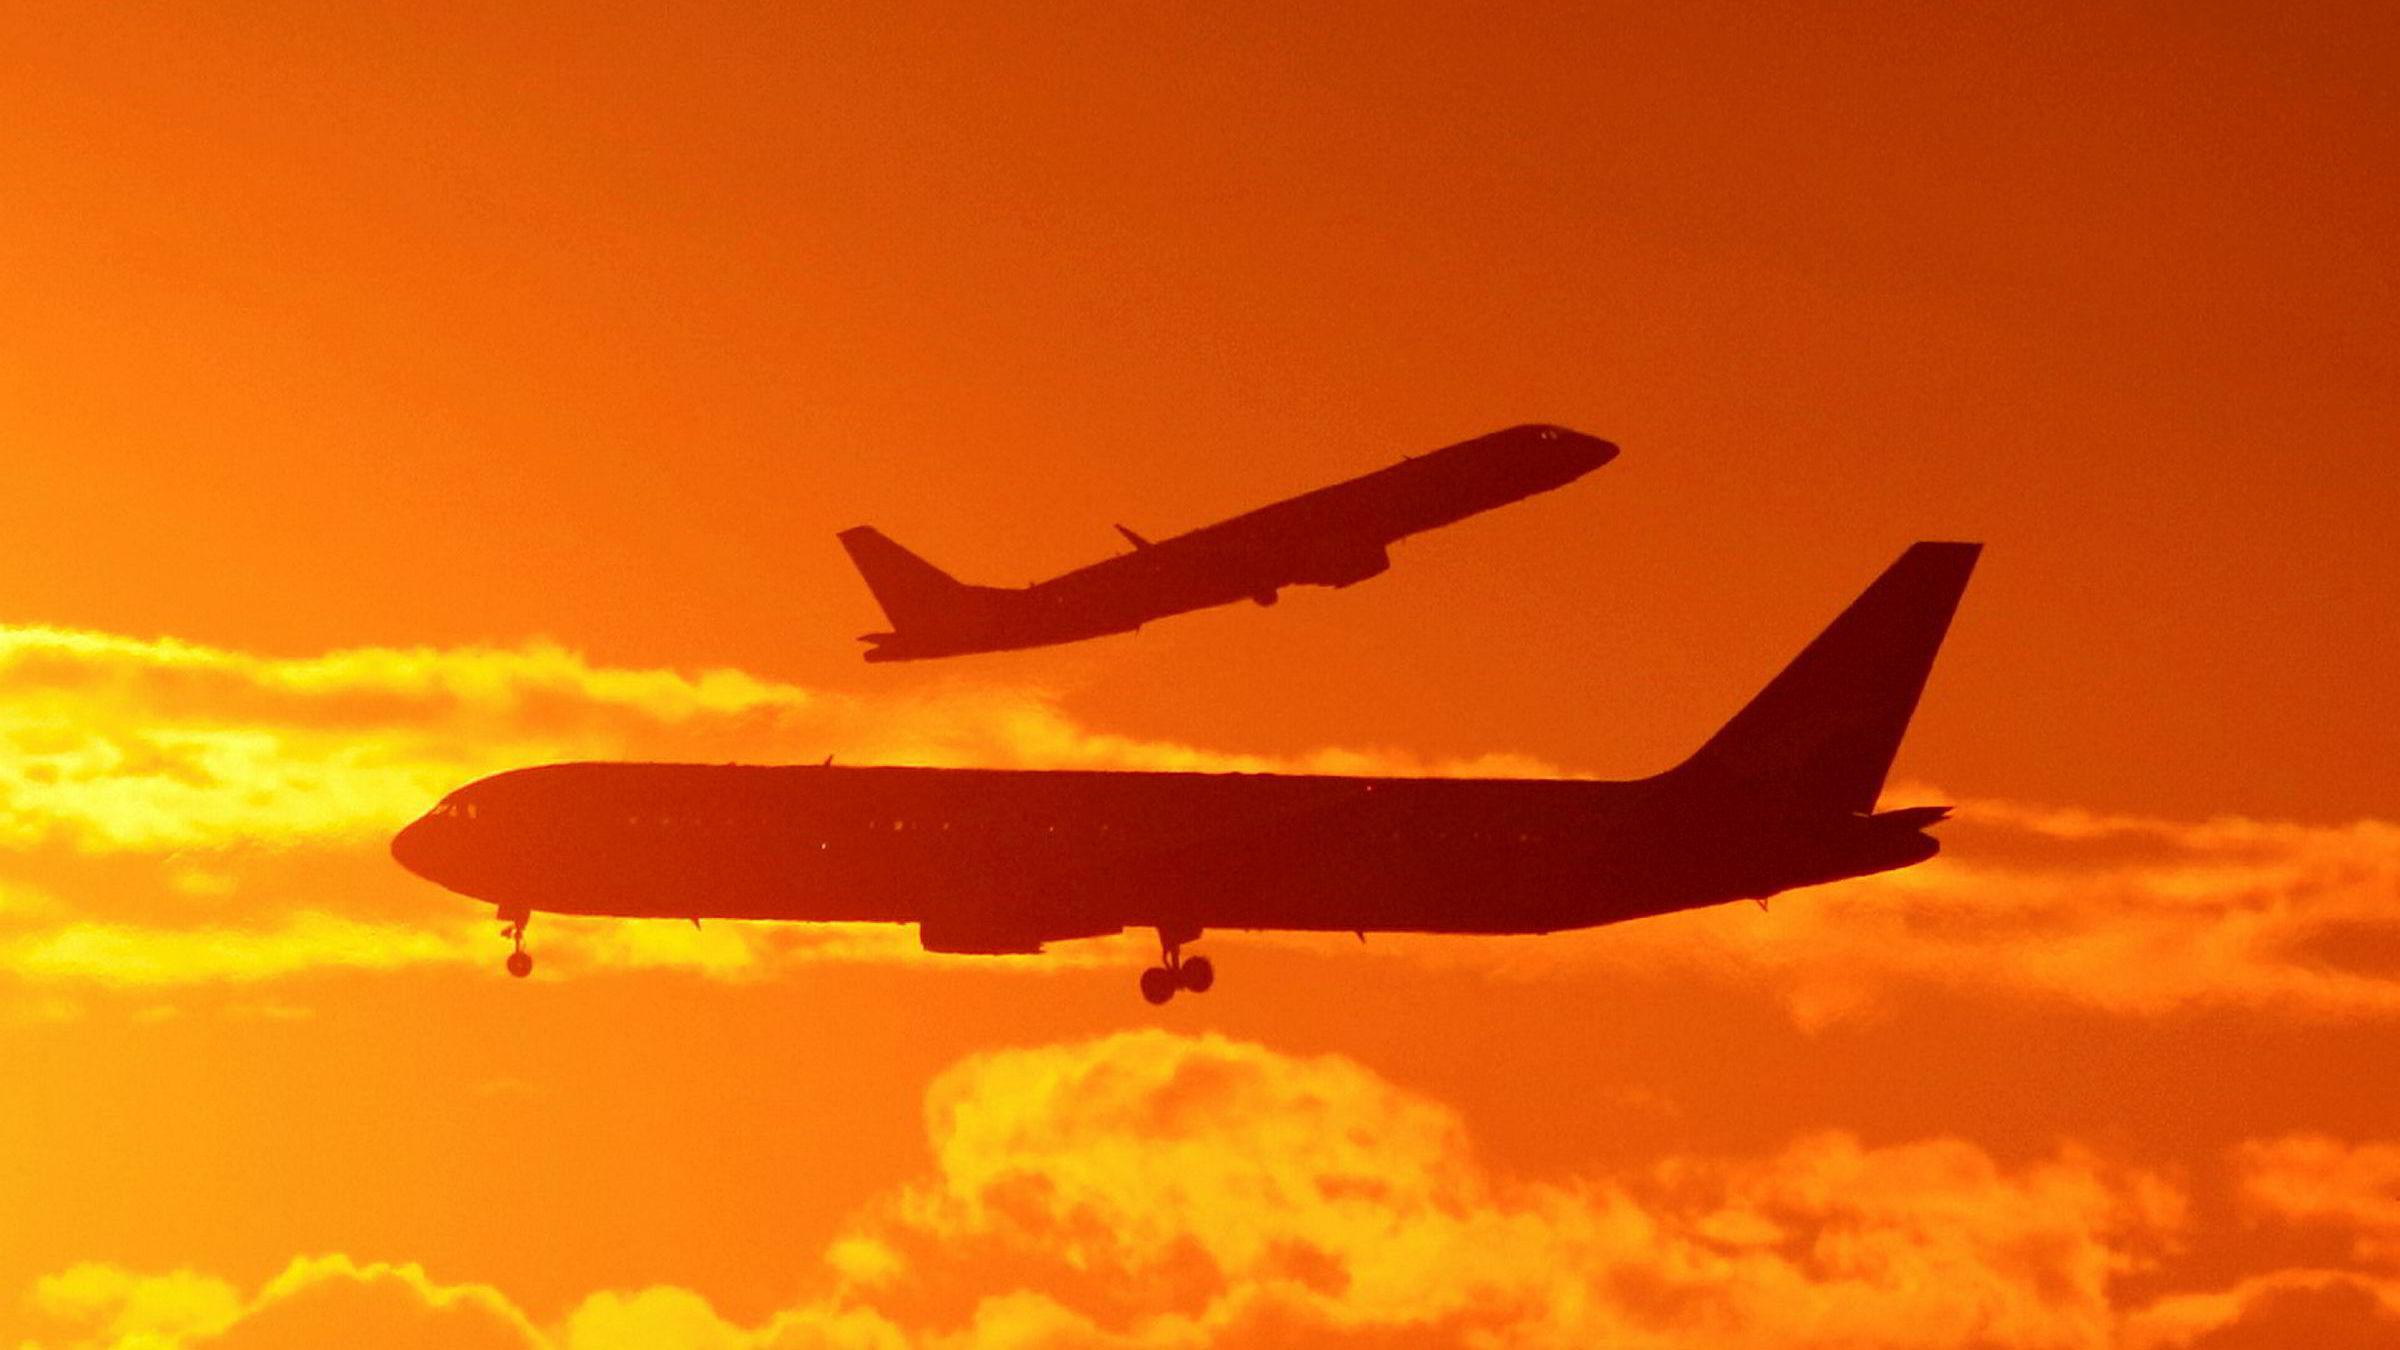 Det australske flyselskapet Qantas ble kåret til det tryggeste i verden i 2019.